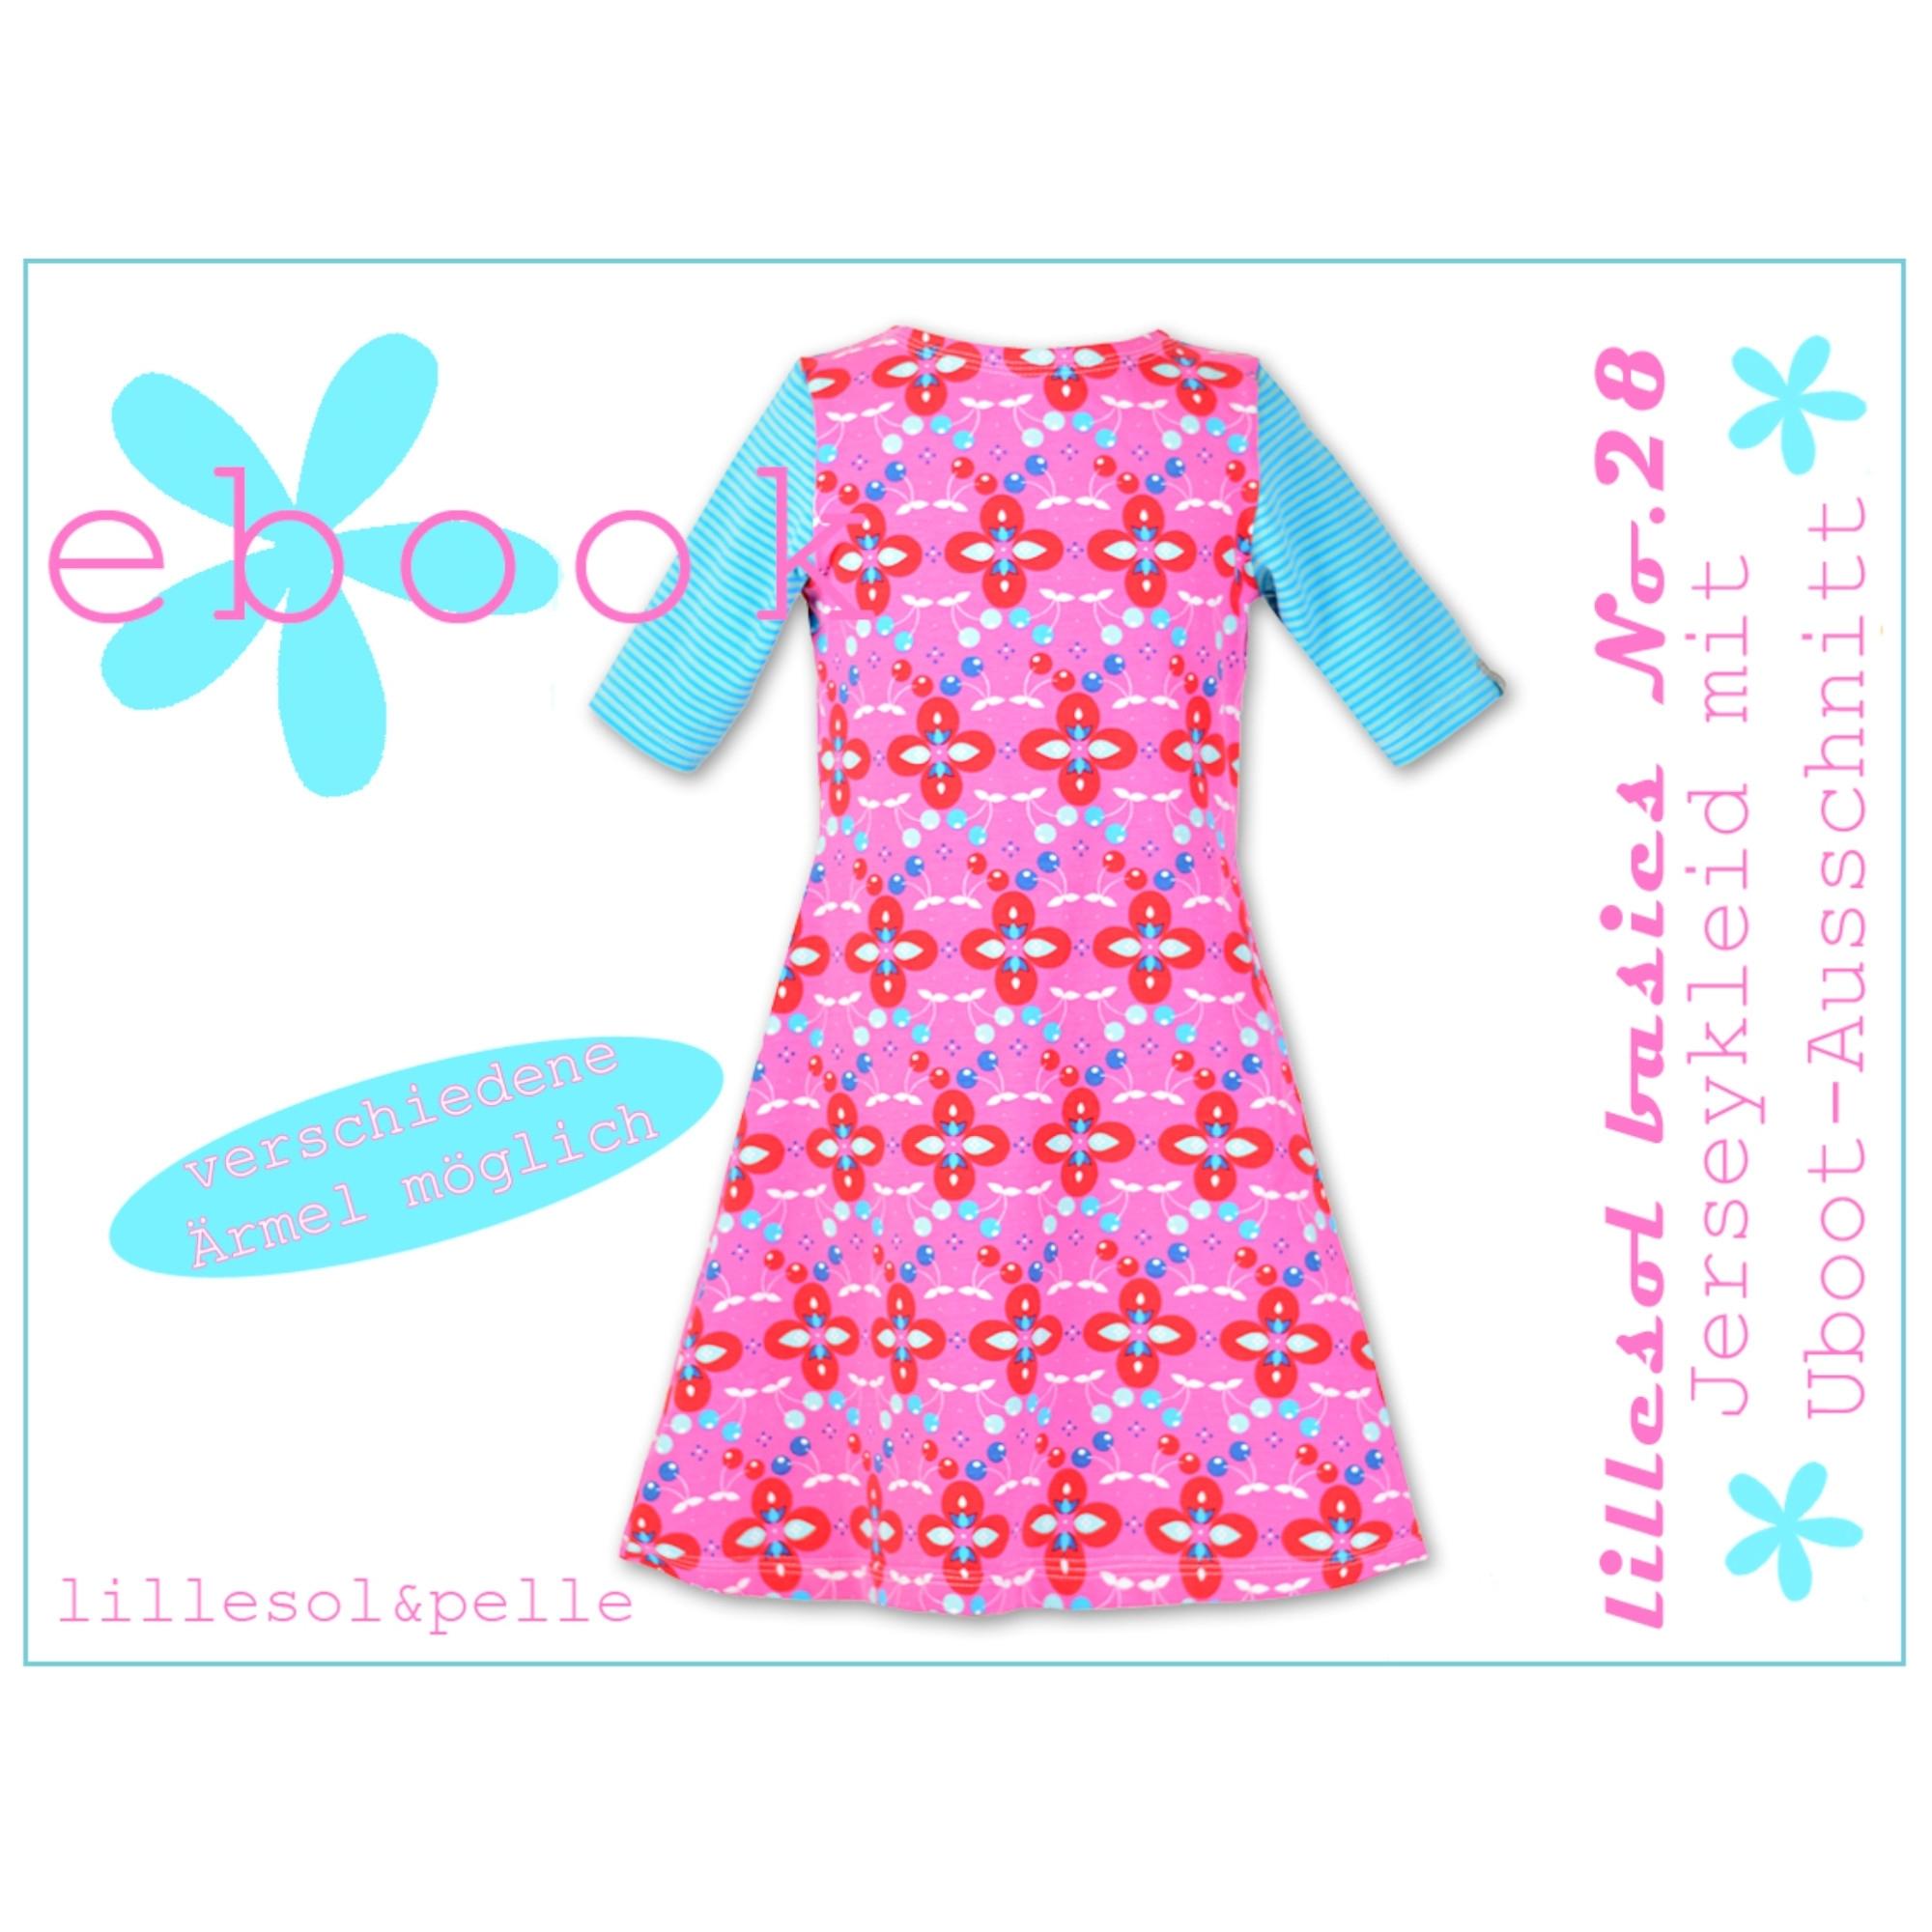 e-book lillesol & pelle jerseykleid u-boot-ausschnitt kinder